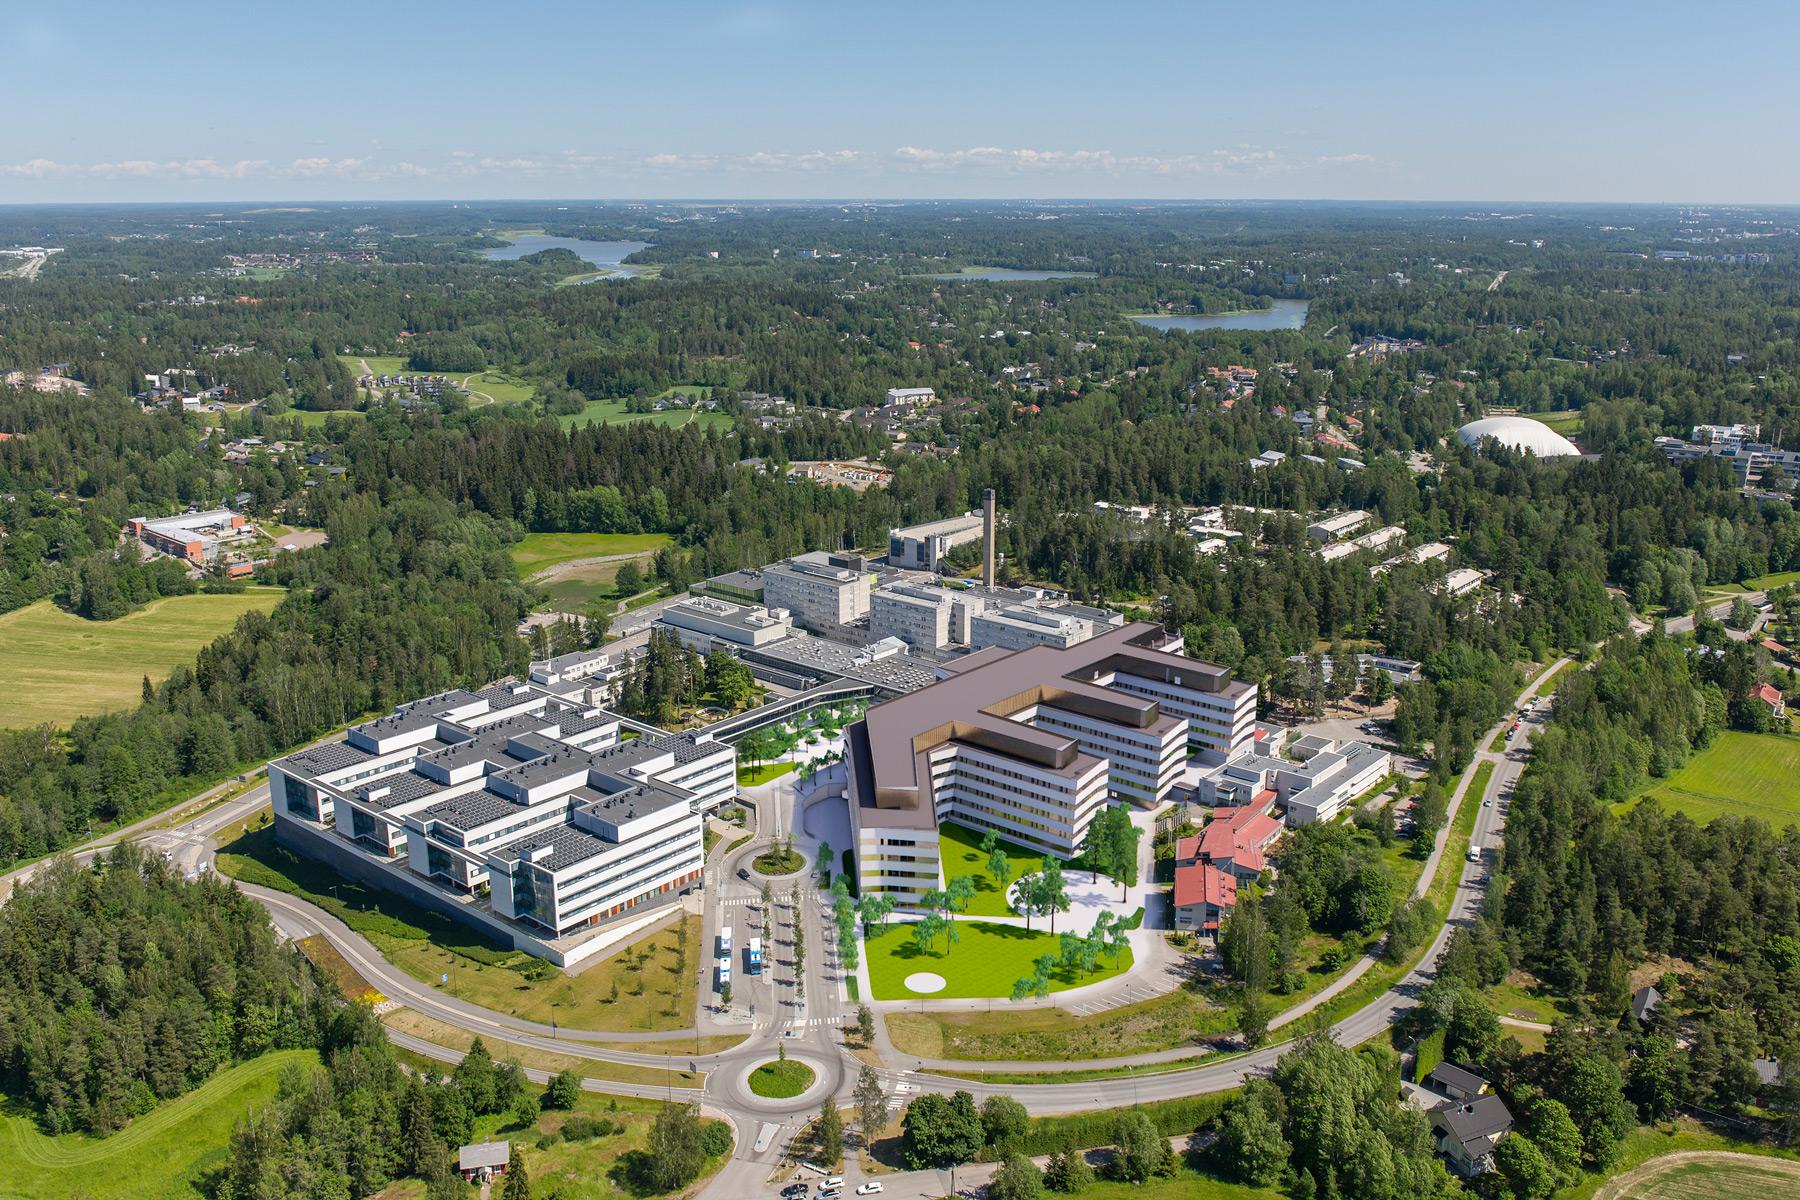 Jorvin sairaalan uuden osastorakennuksen hankesuunnitelmavaiheen ilmahavainnekuva.